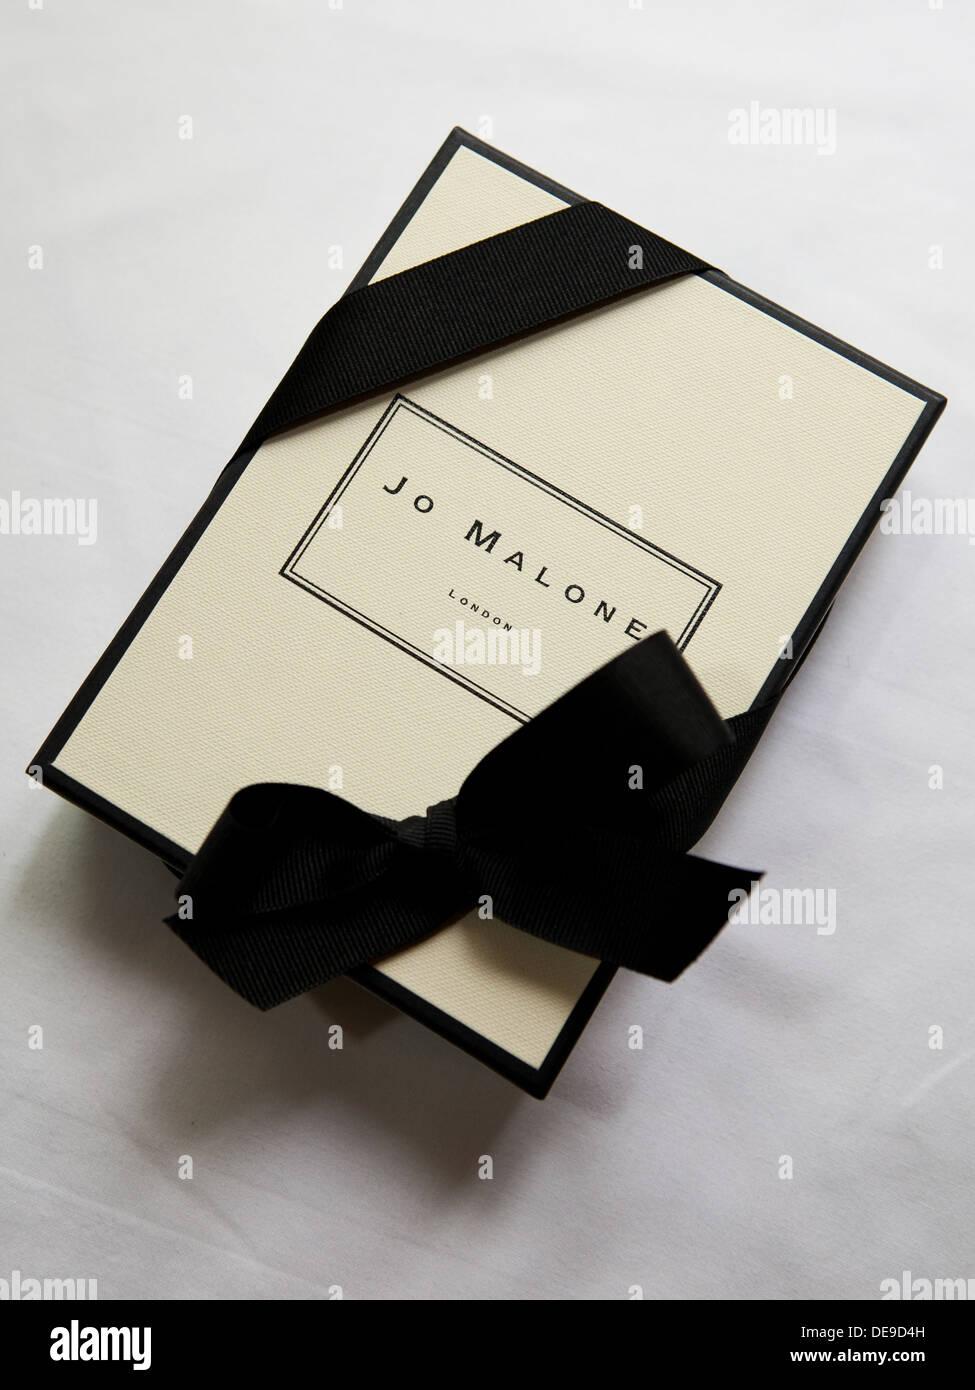 Jo Malone perfume - Stock Image